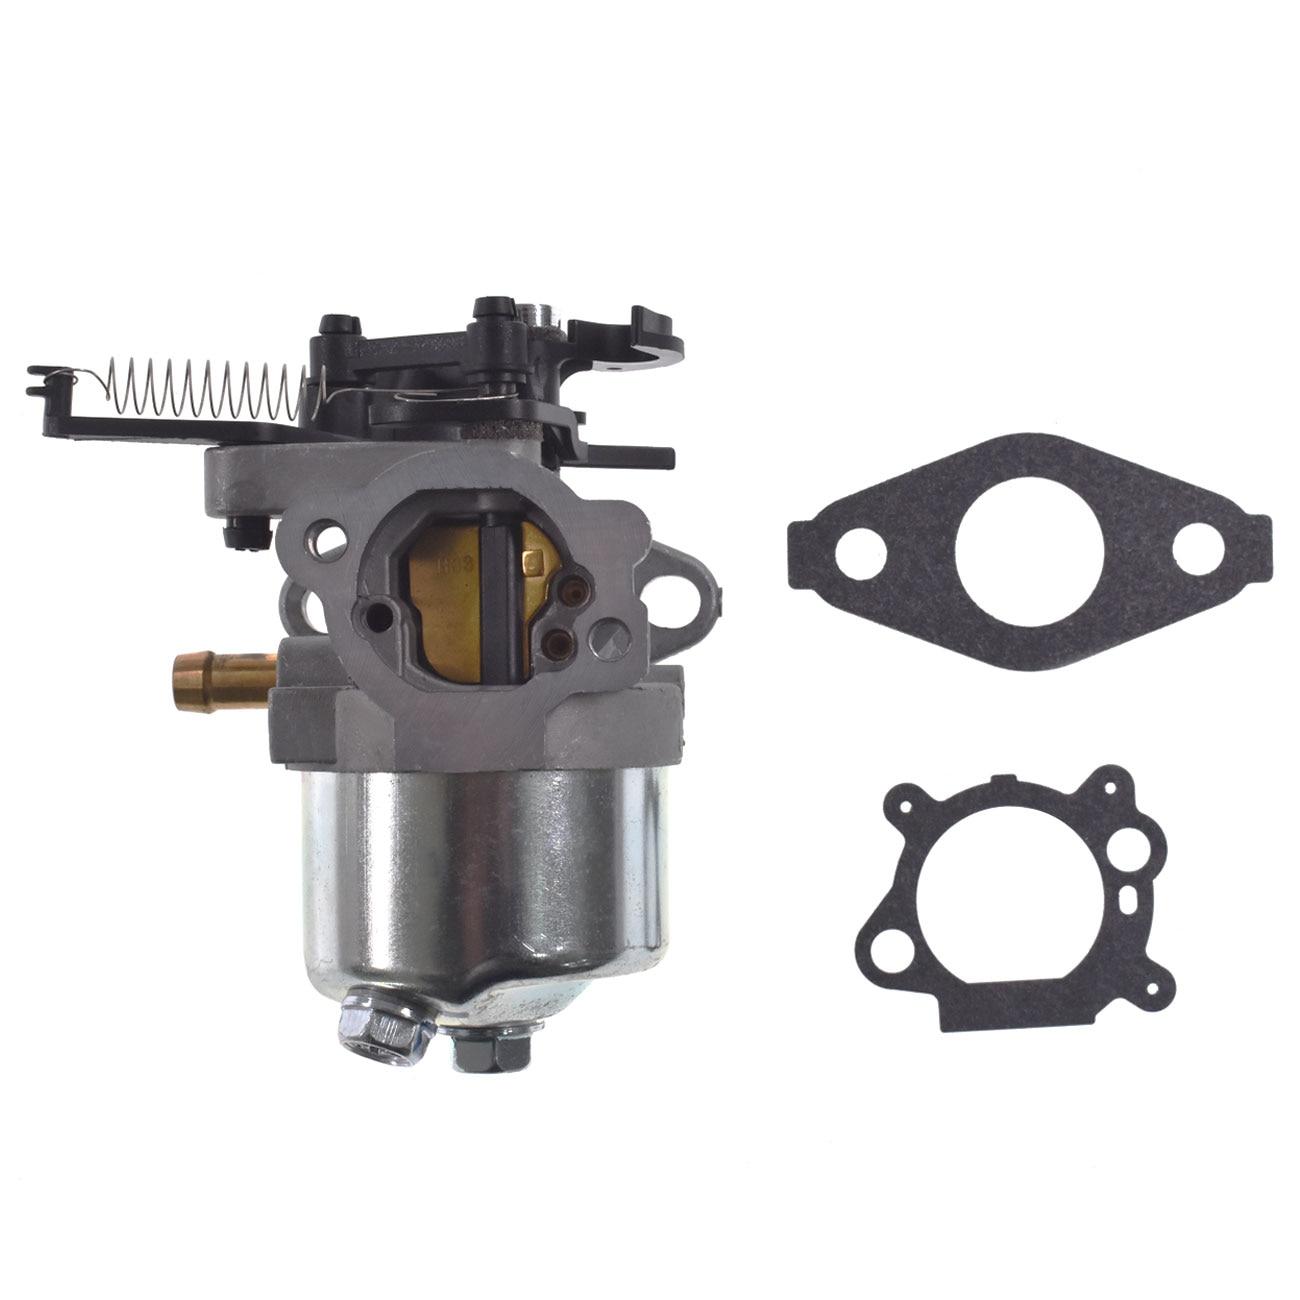 Carburetor Carb Parts For Briggs  amp  Stratton Engine Motors 591852 793493 793463